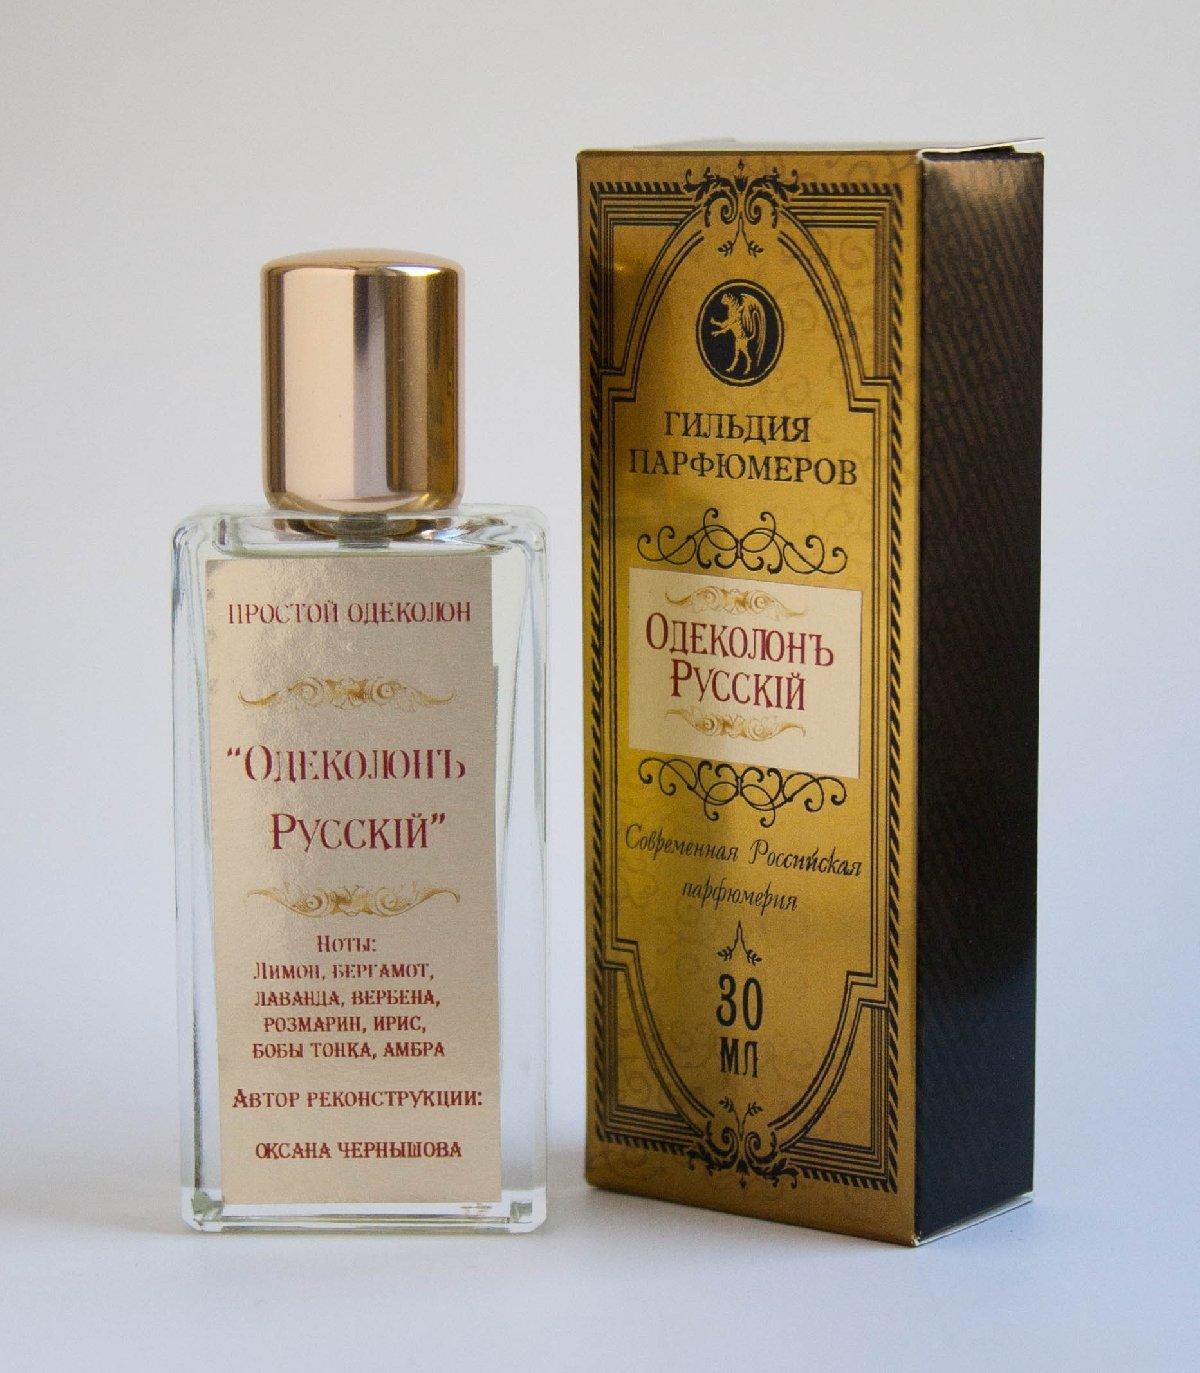 Выставка «Придворный парфюмер» вособняке Румянцева